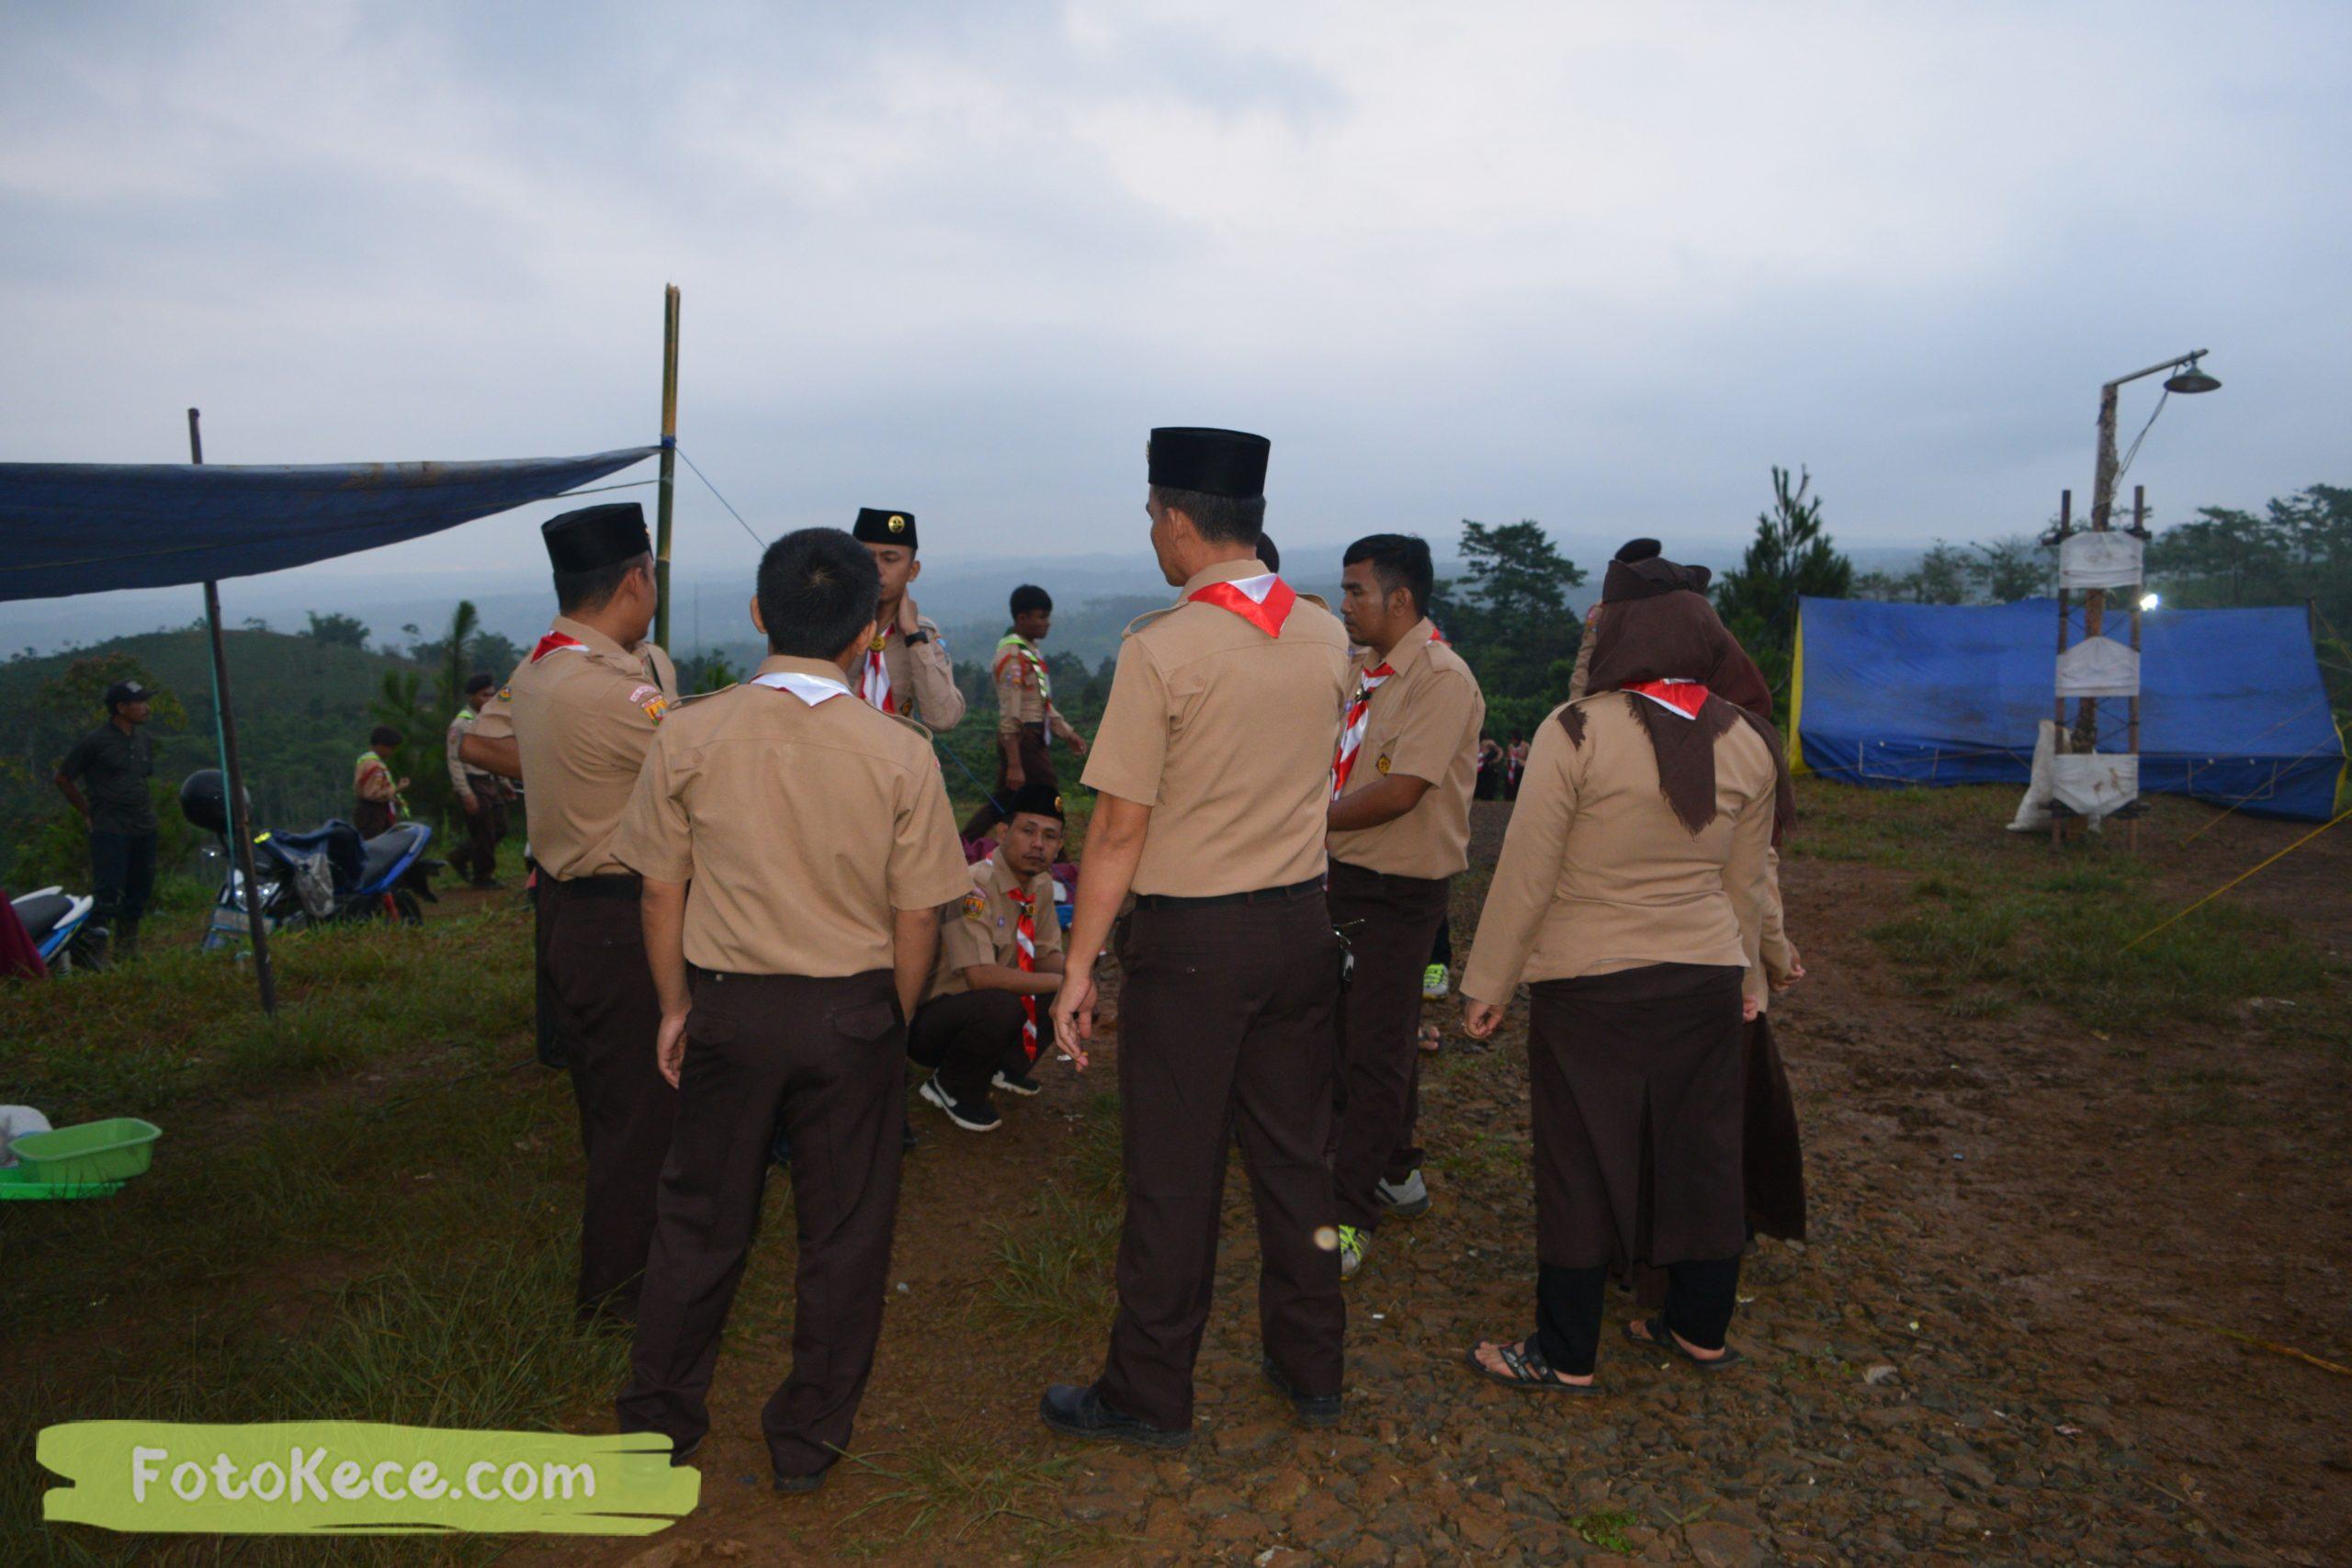 kegiatan sore malam perkemahan narakarya 1 mtsn 2 sukabumi 24 25 januari 2020 pramuka hebat puncak buluh foto kece 6 scaled